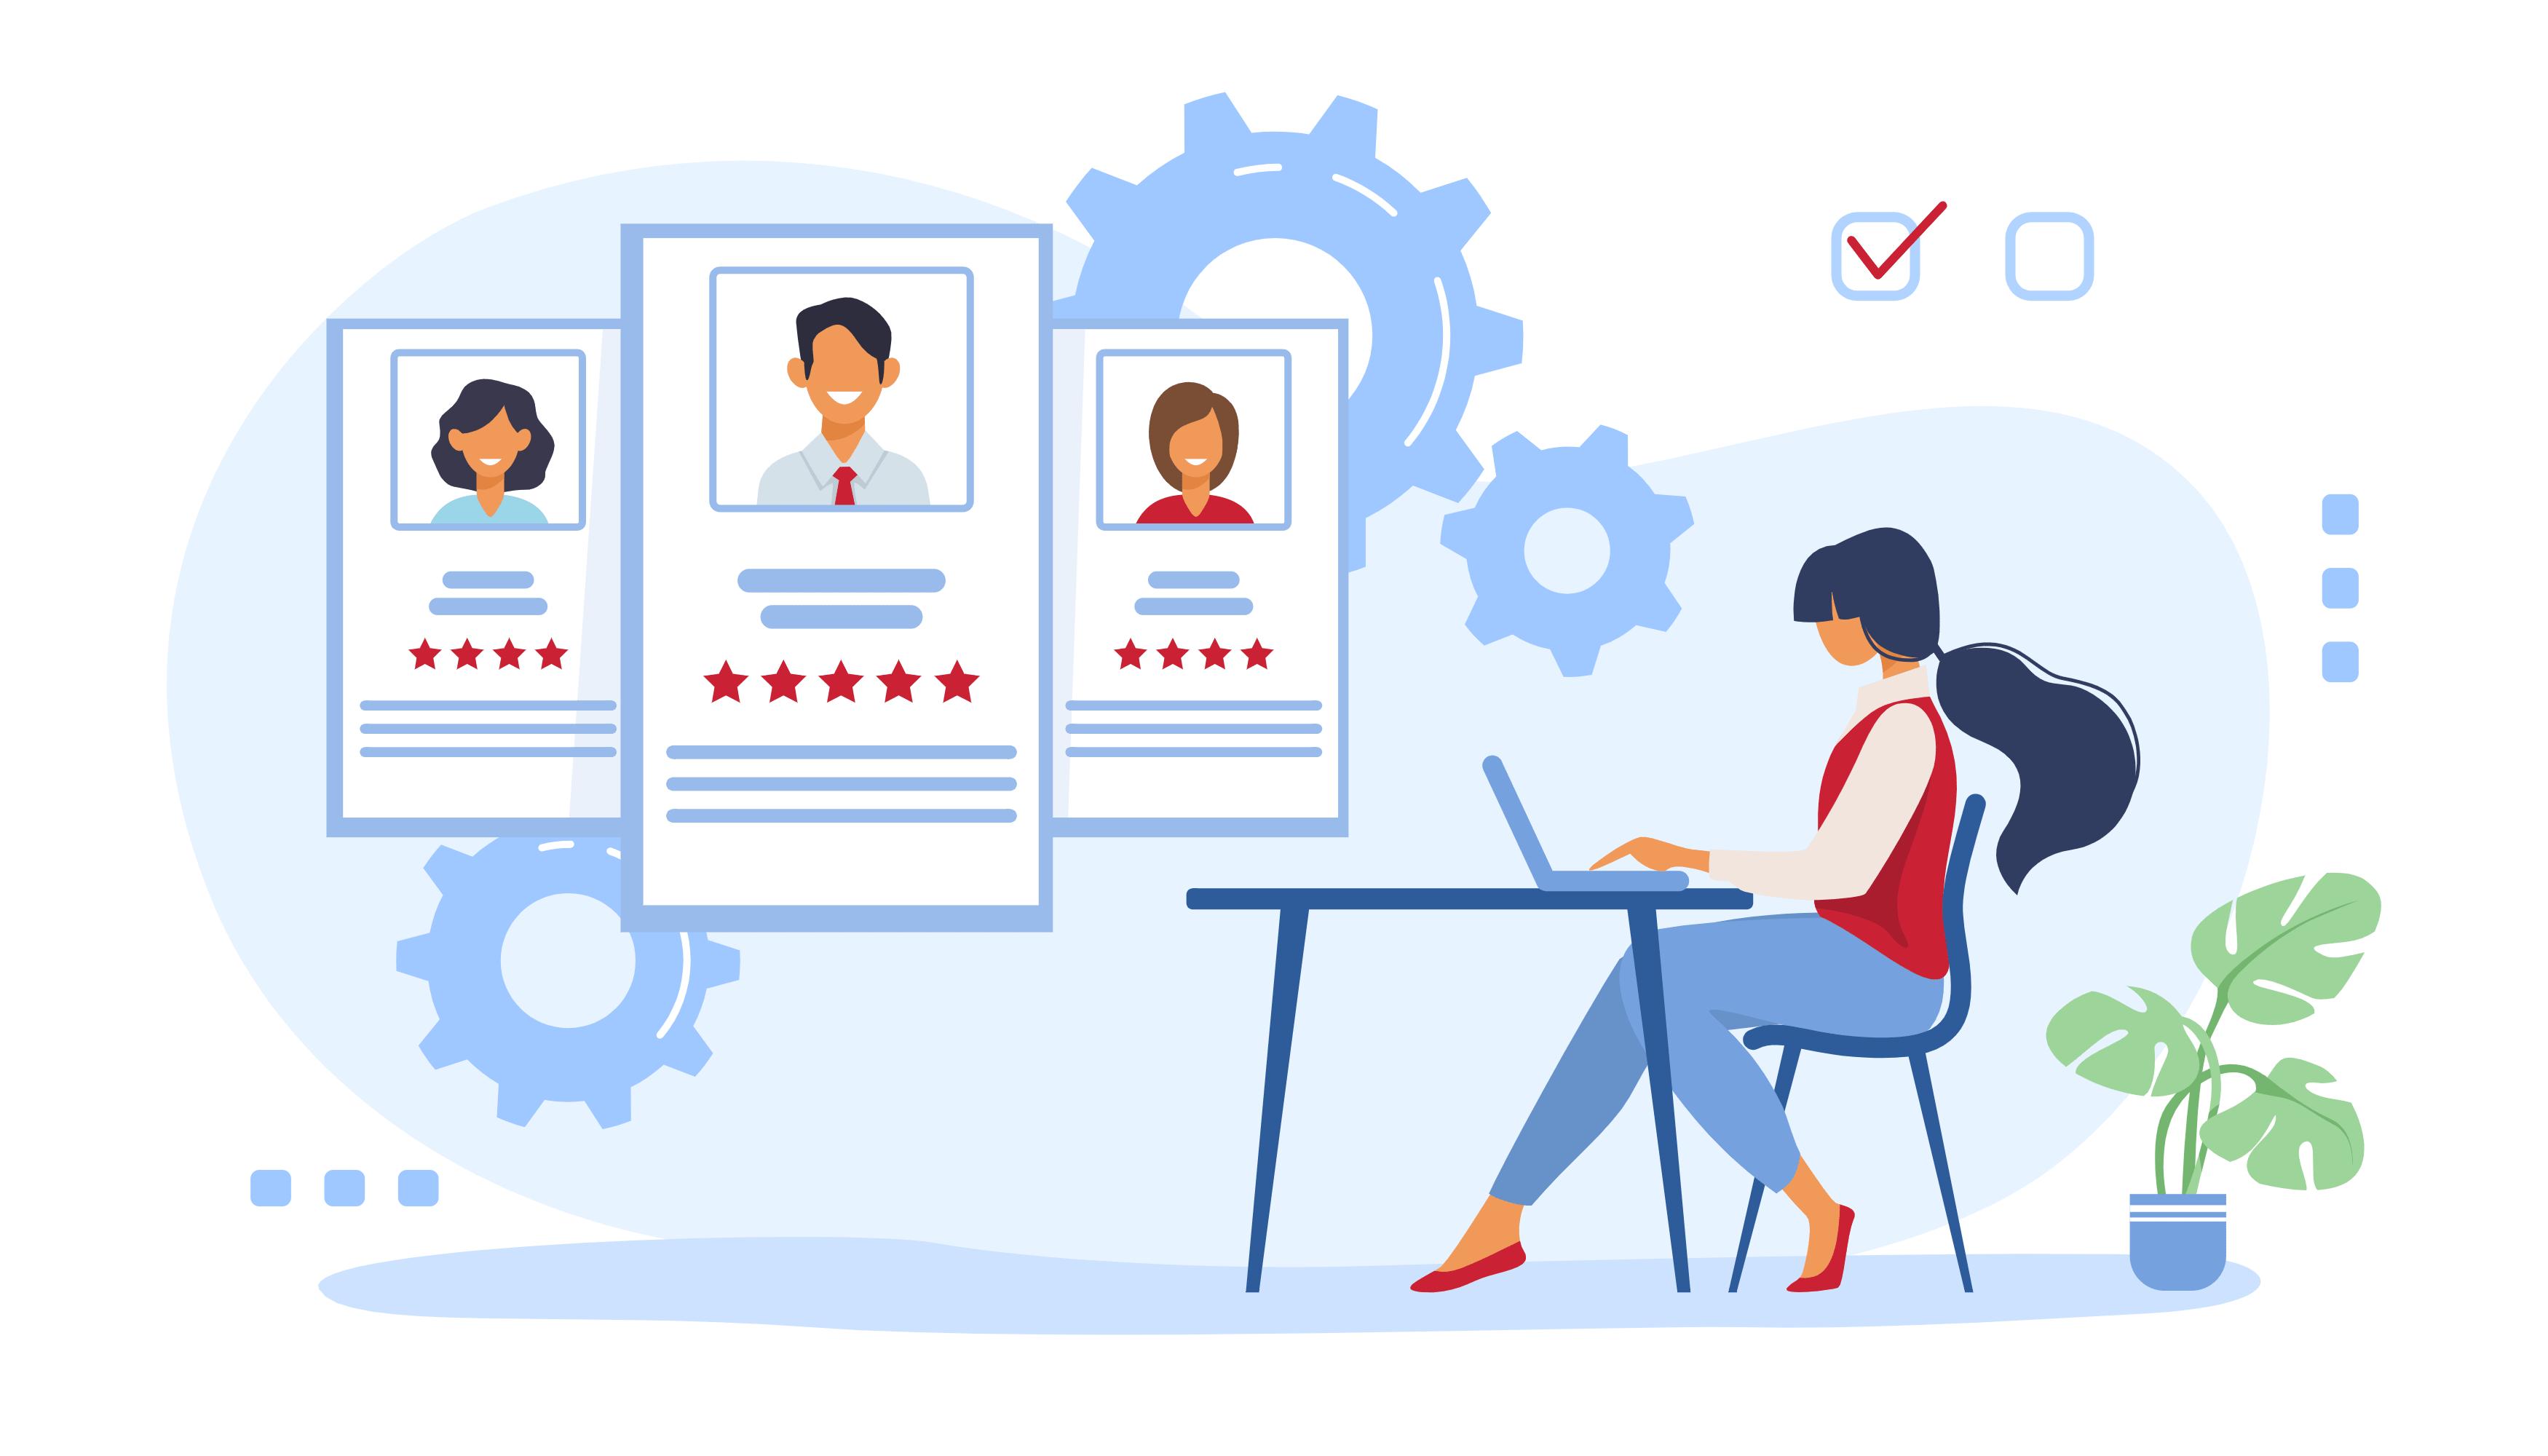 KPI đánh giá nhân viên